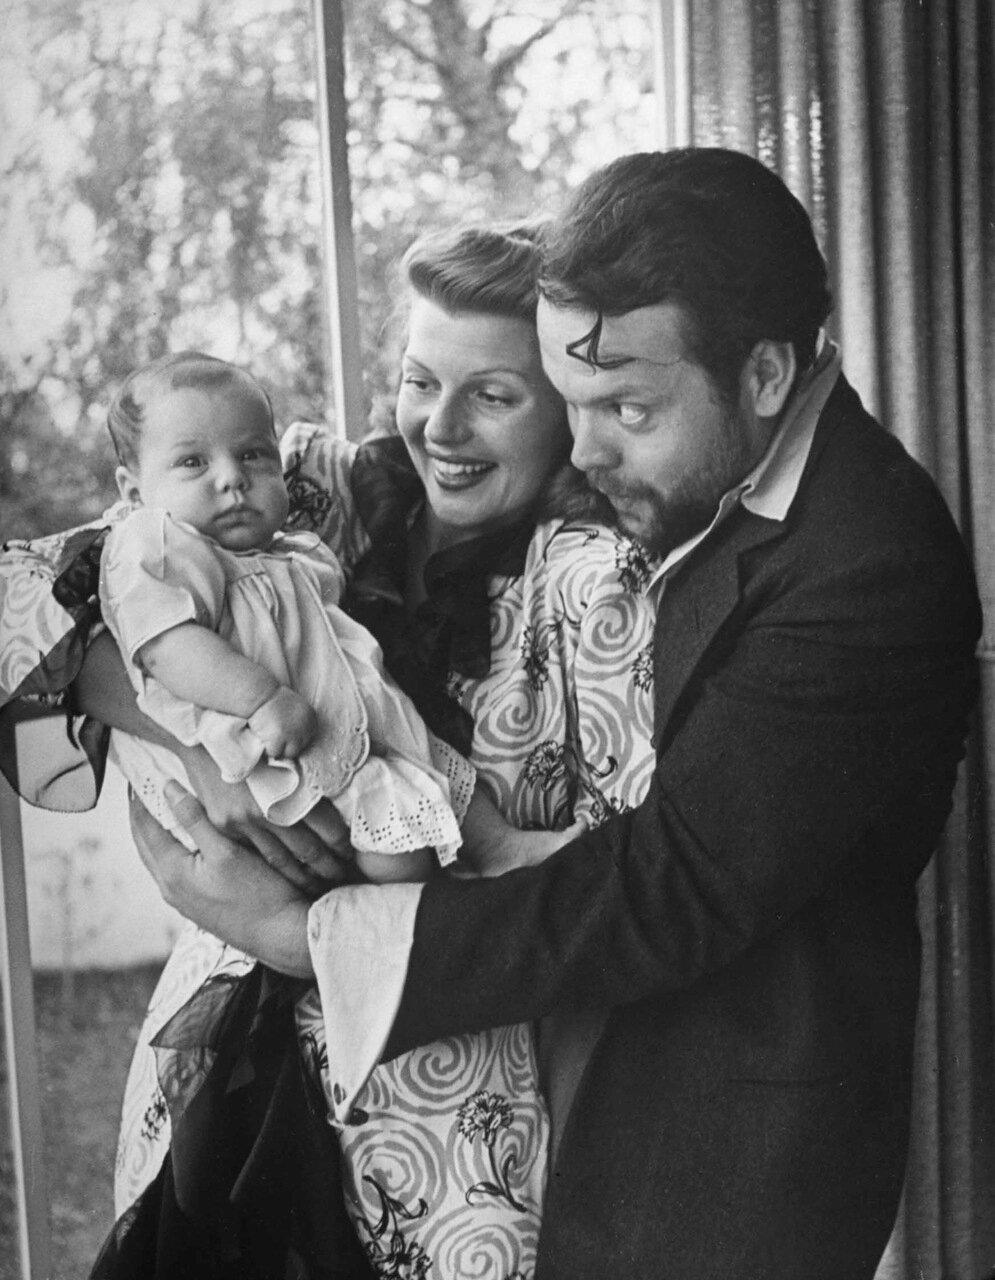 1944, декабрь. Рита Хэйворт и Орсон Уэллсз держат новорожденную дочь Ребекку дома в Голливуде, Калифорния